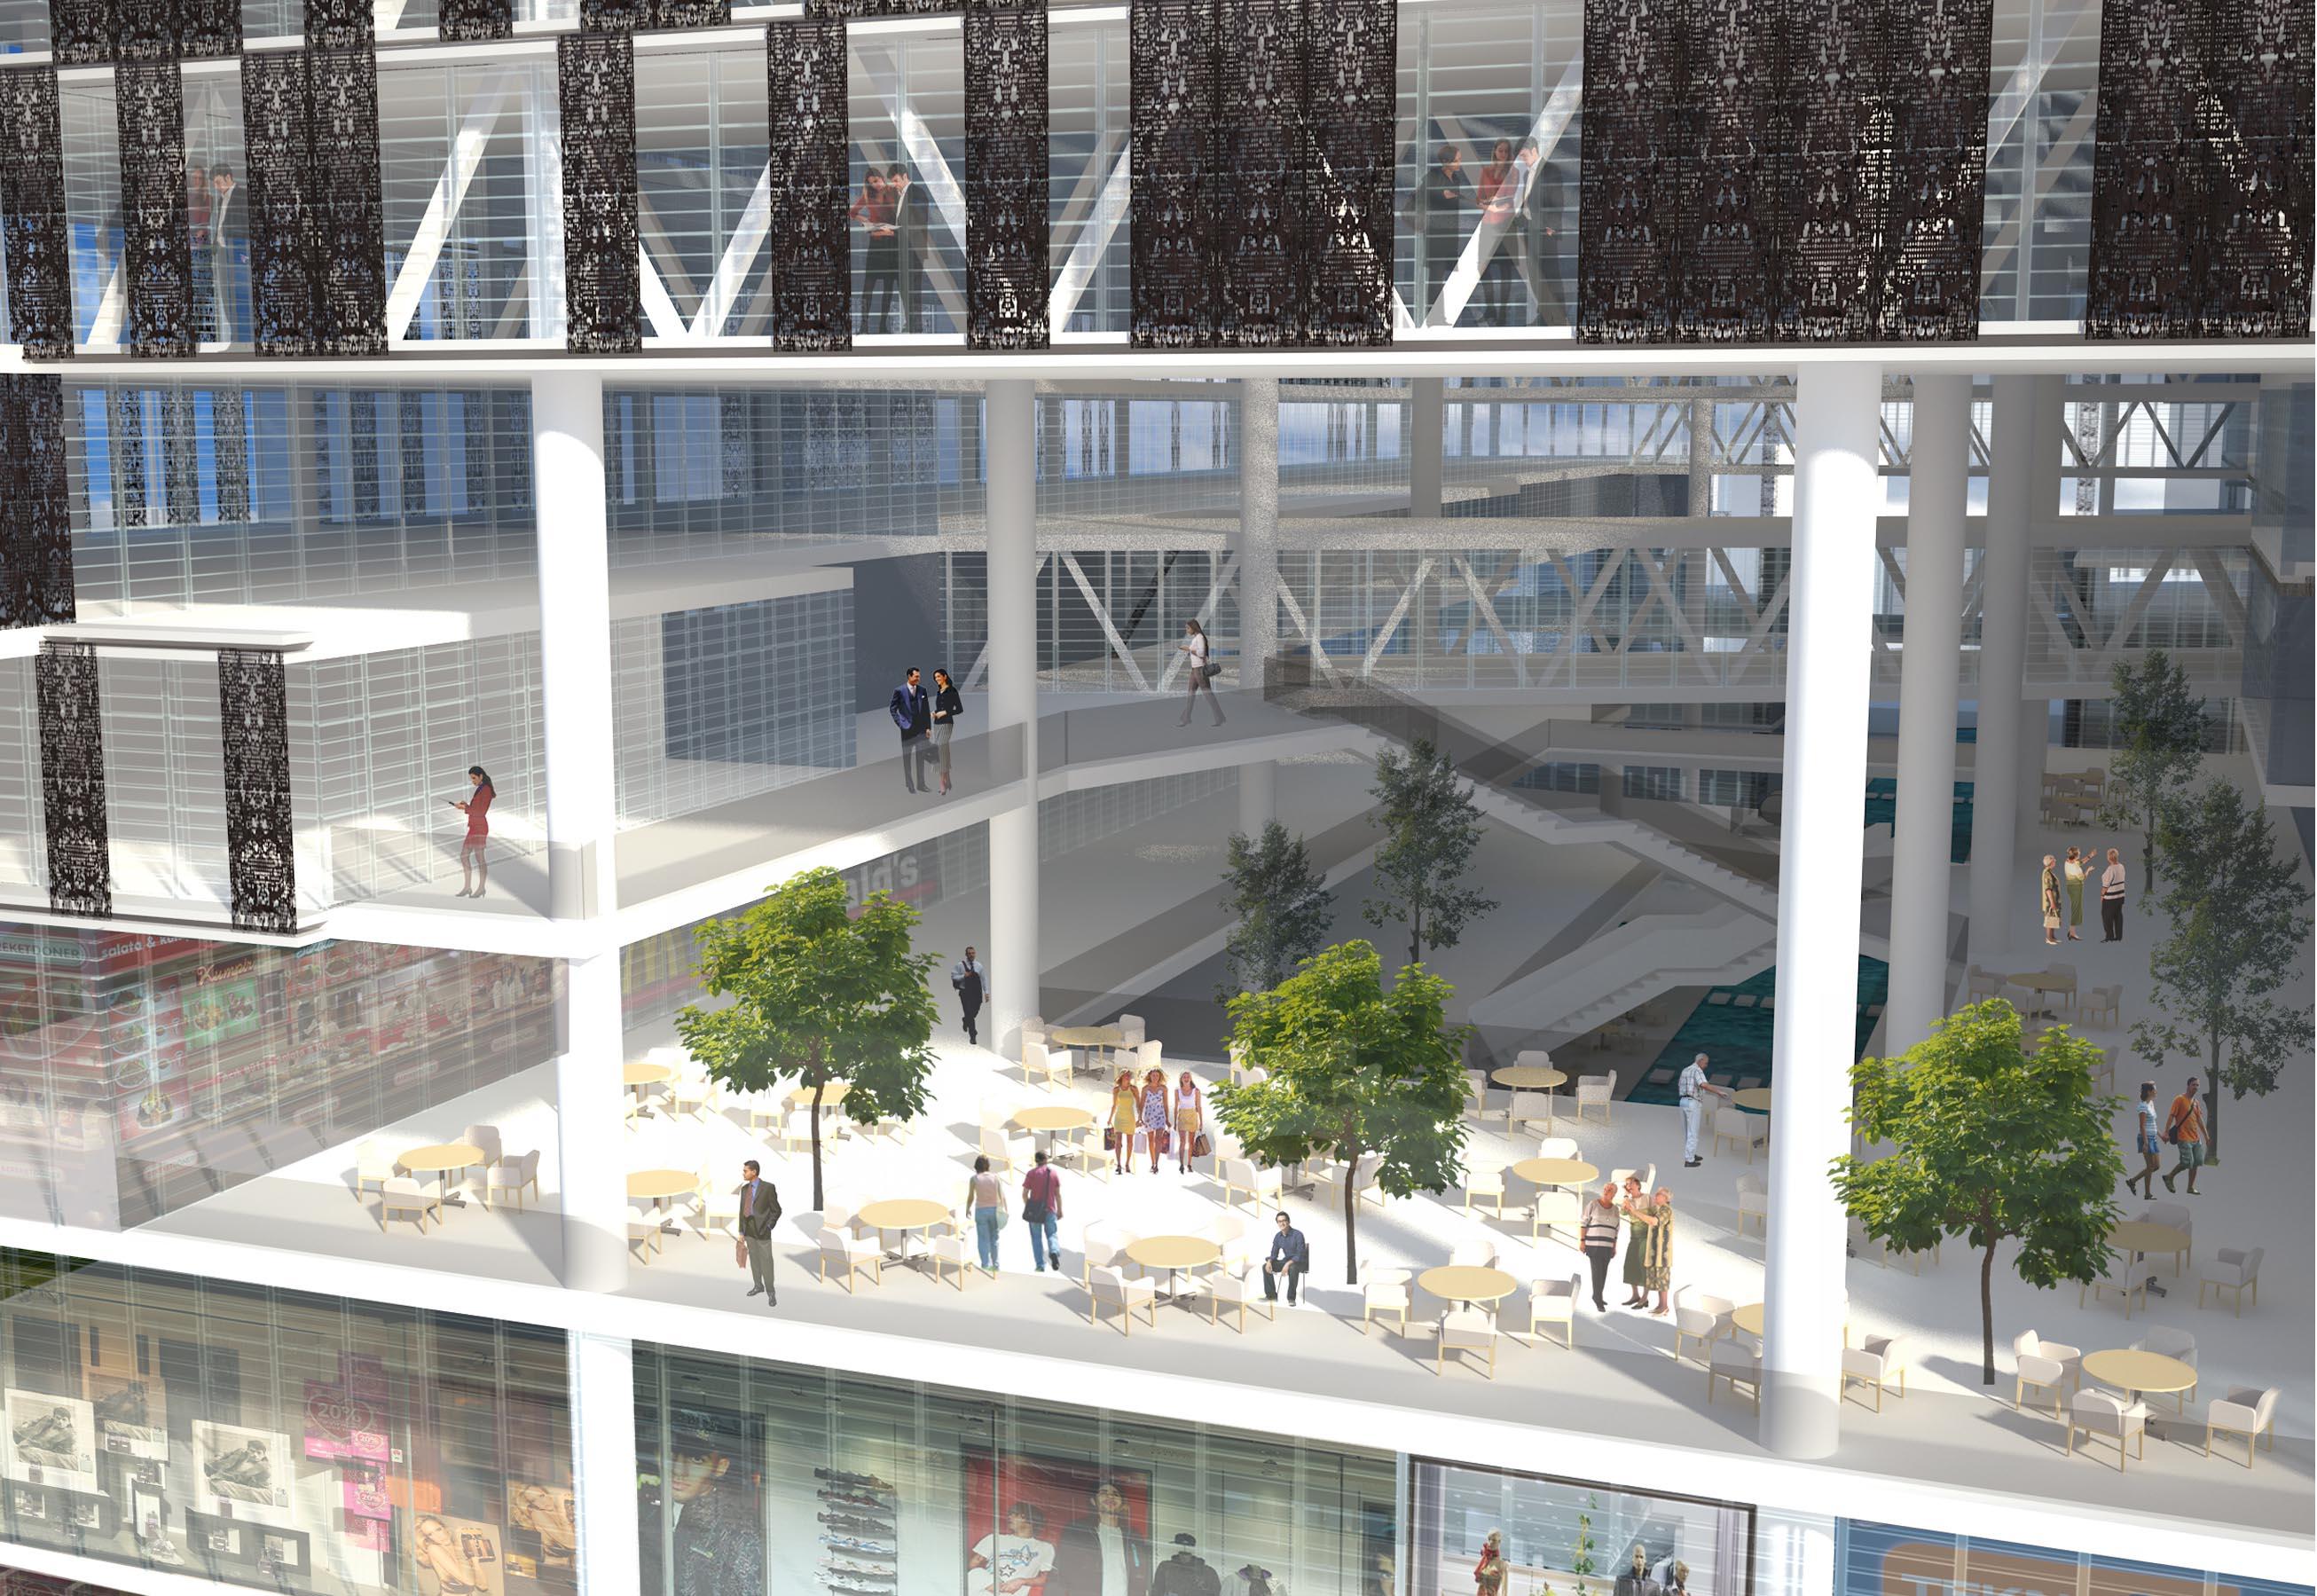 dodofis mimarlık ofis yapısı sanayi ve ticaret odası 02